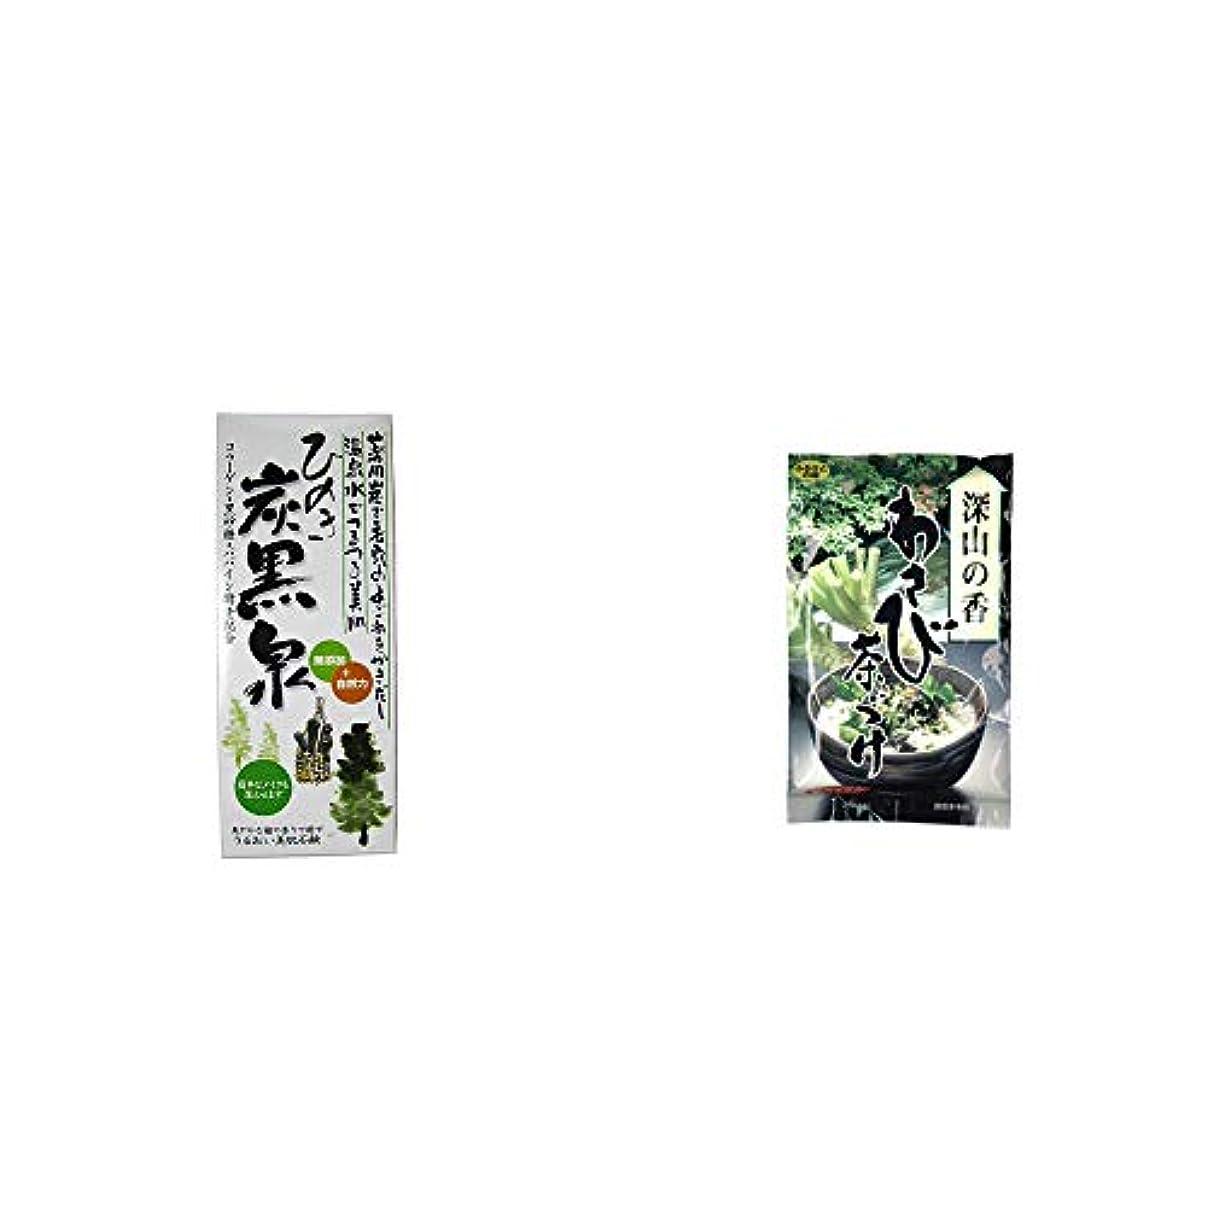 起点羨望アレルギー[2点セット] ひのき炭黒泉 箱入り(75g×3)?特選茶漬け 深山の香 わさび茶づけ(10袋入)